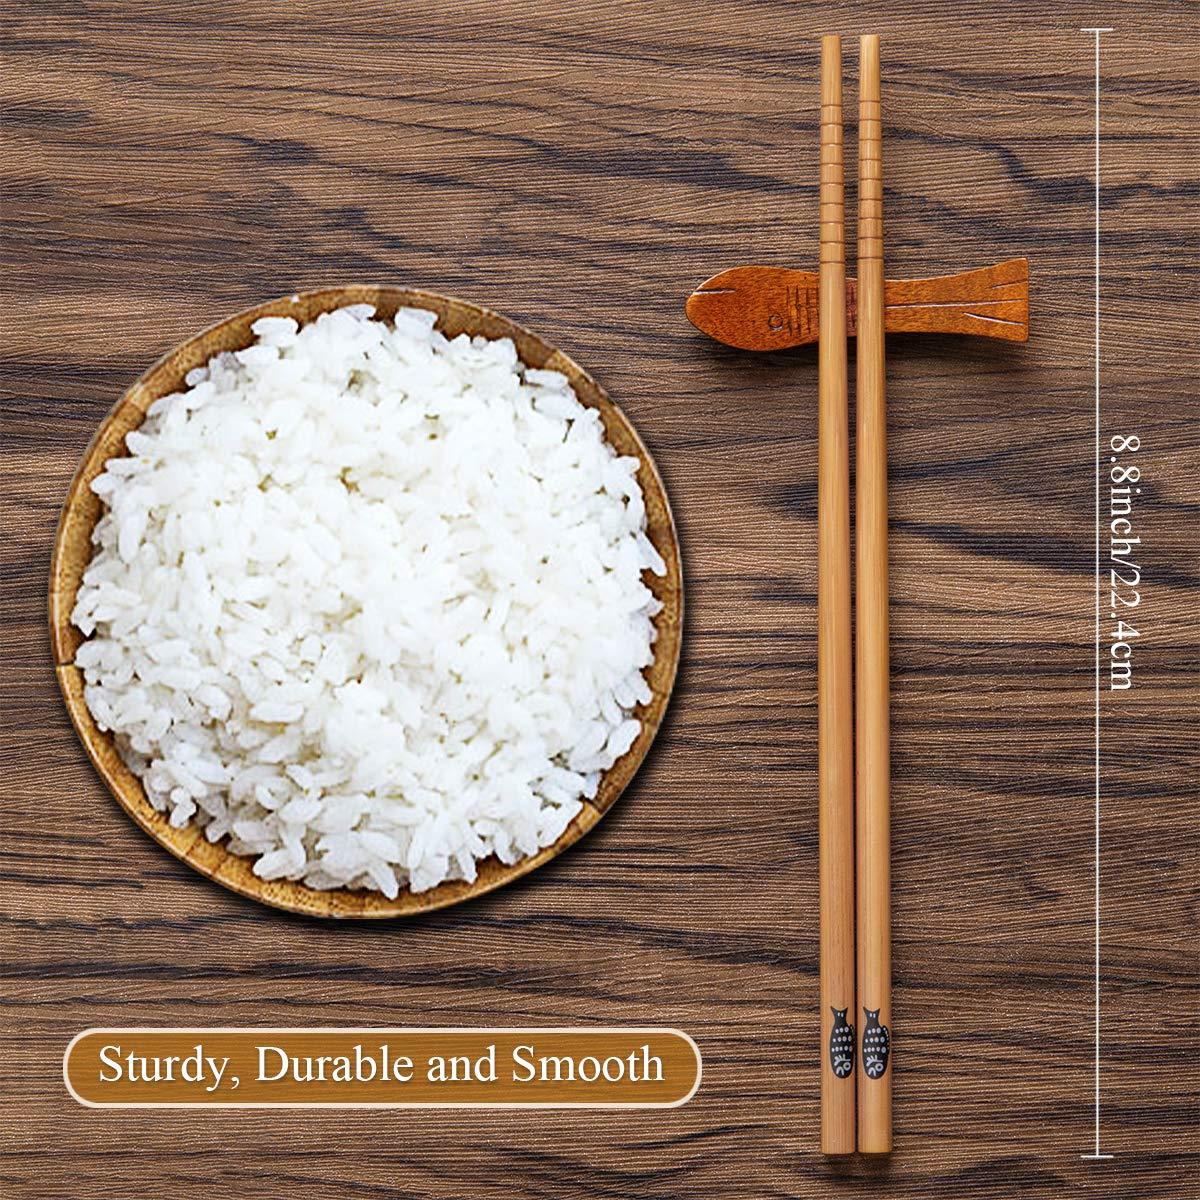 MELLIEX 10 Paar Essst/äbchen Japanisch Bambus Chopsticks Wiederverwendbar Waschbar E/ßst/äbchen Set mit Schwarzer Geschenkbox f/ür Asiatisches Geschirr Fisch